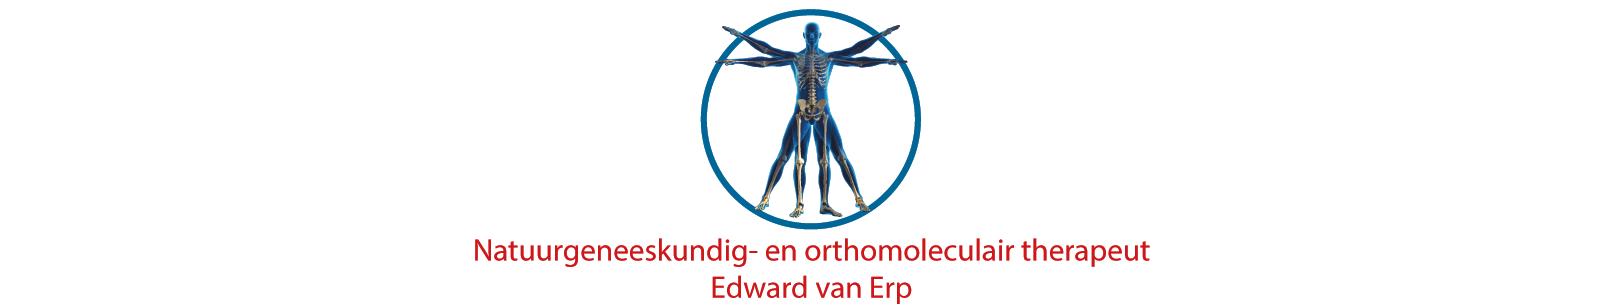 Edward van Erp